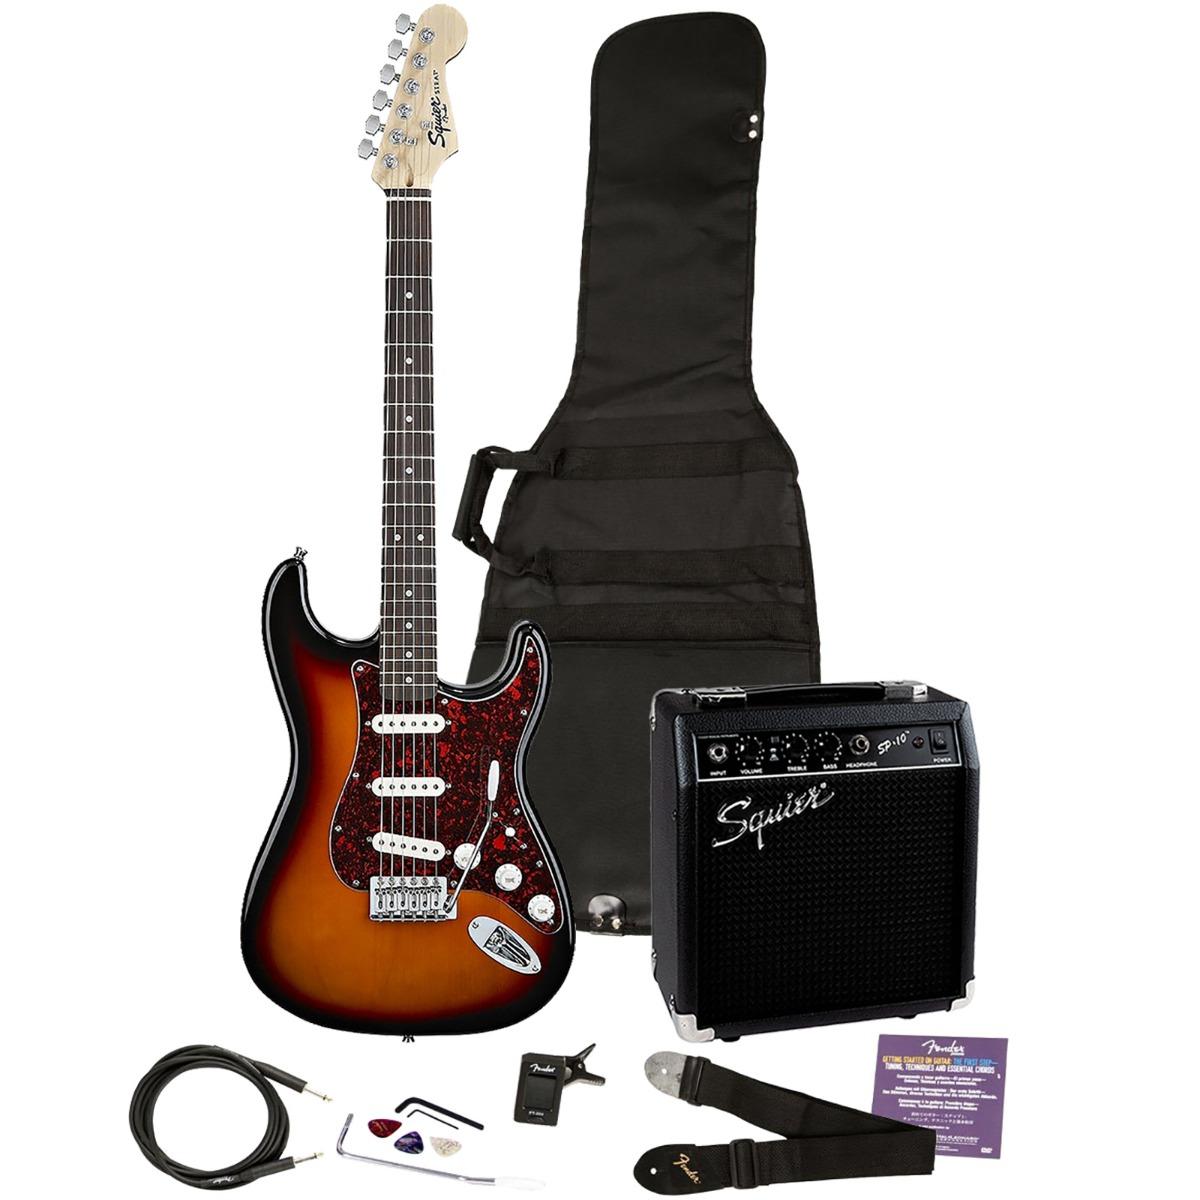 squier by fender se special electric guitar and amp starter pack brown sunburst ebay. Black Bedroom Furniture Sets. Home Design Ideas